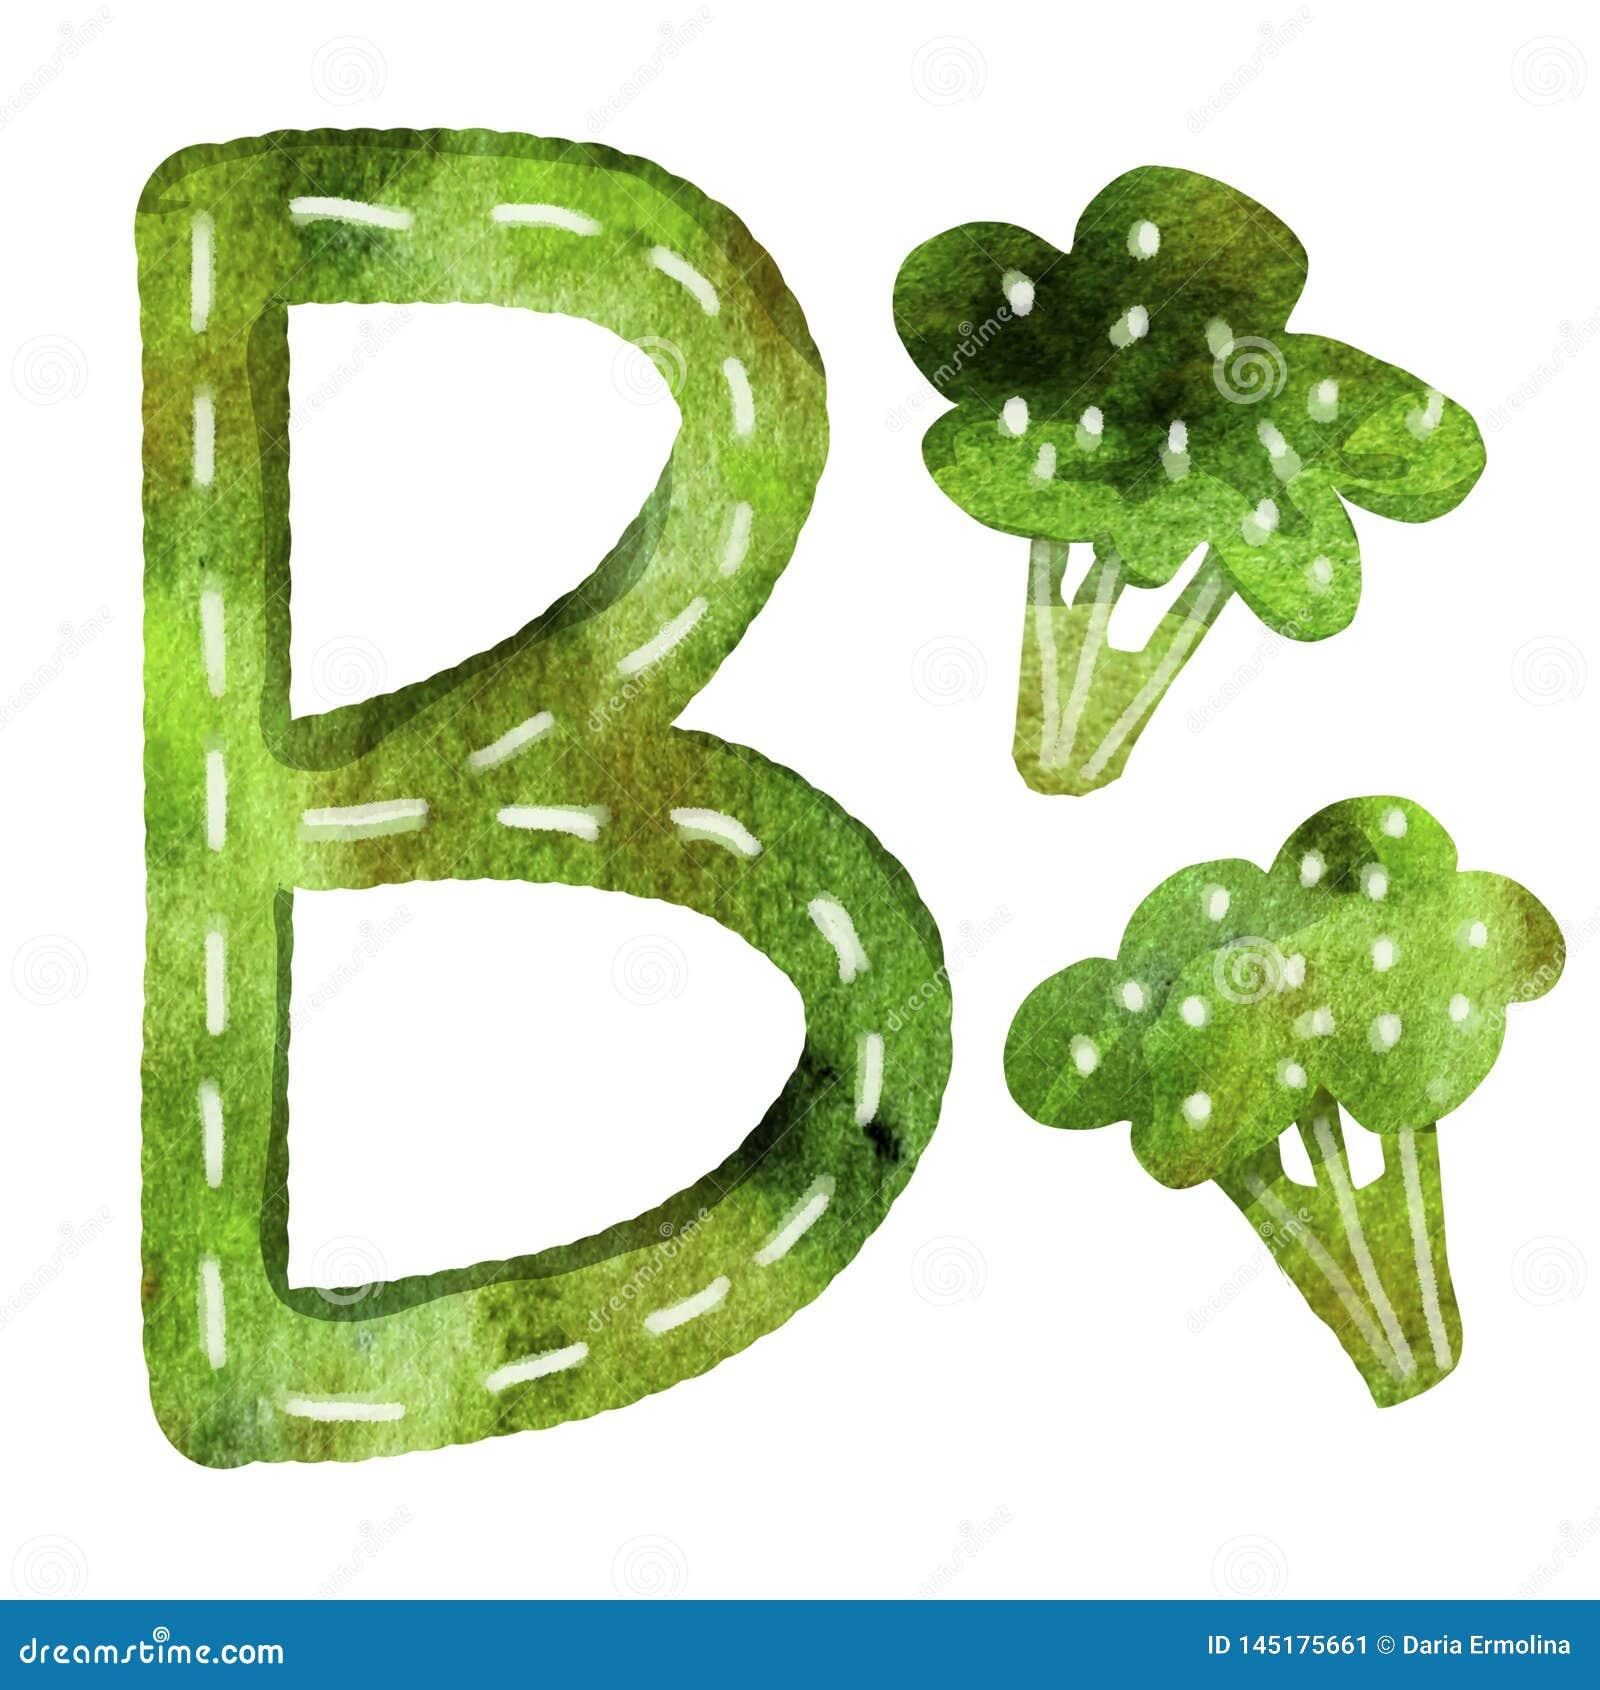 Letra b do alfabeto inglês